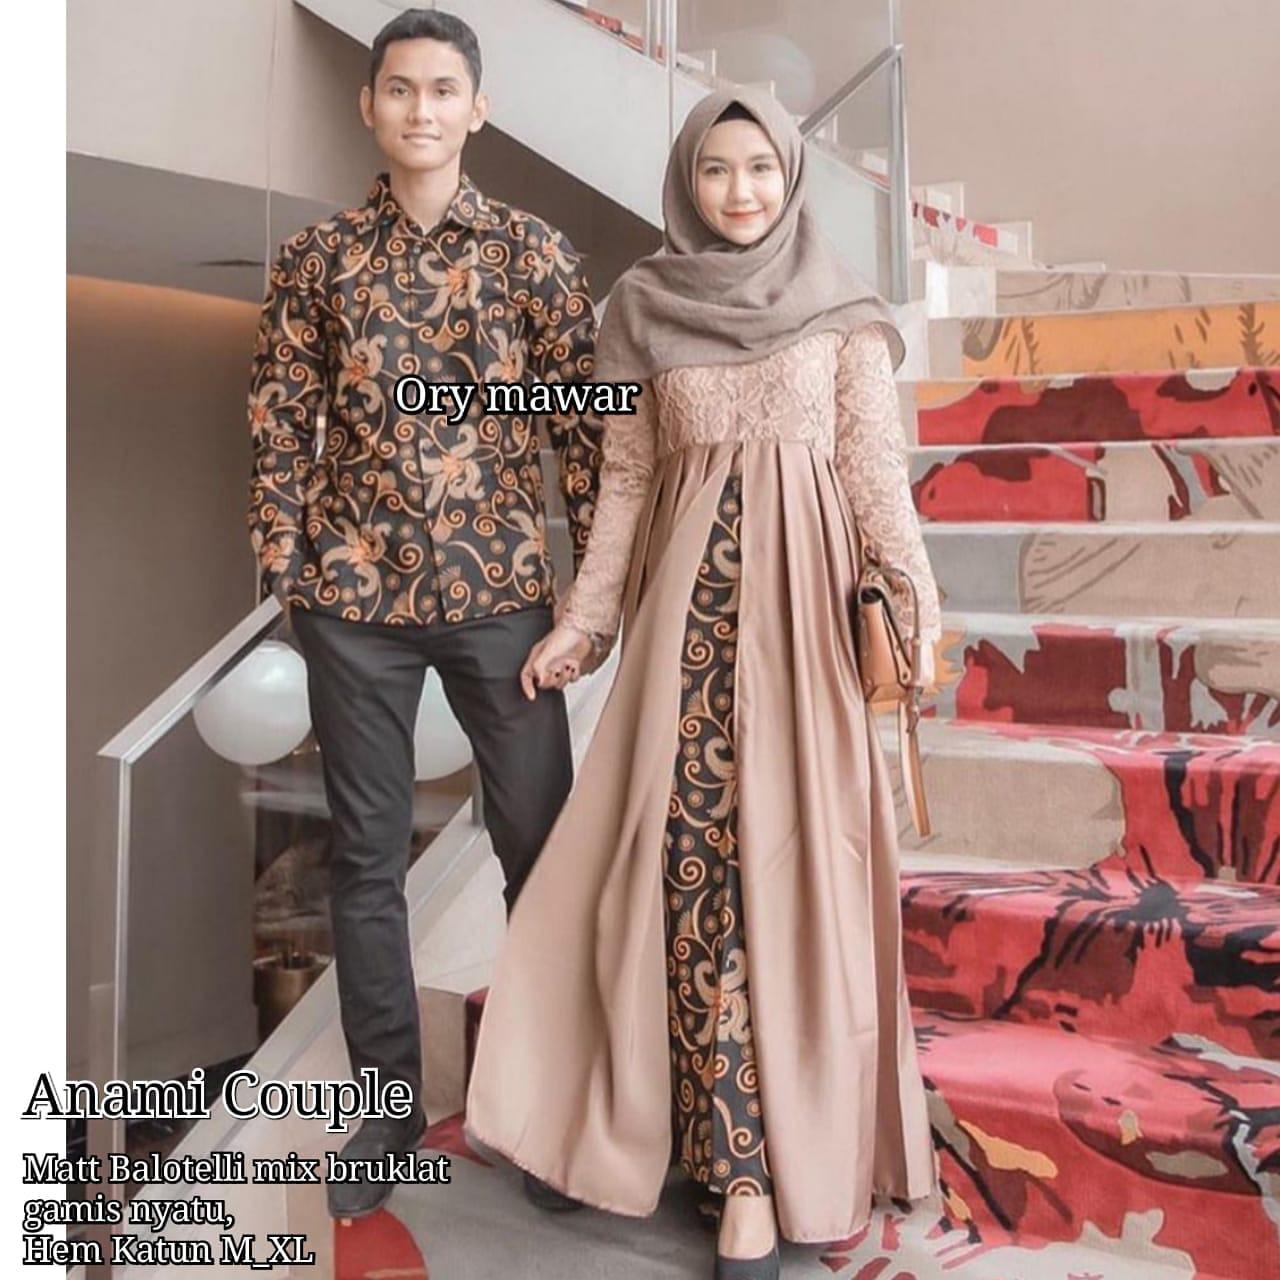 8800 Model Baju Batik Gamis Terbaru 2019 Wanita HD Terbaru